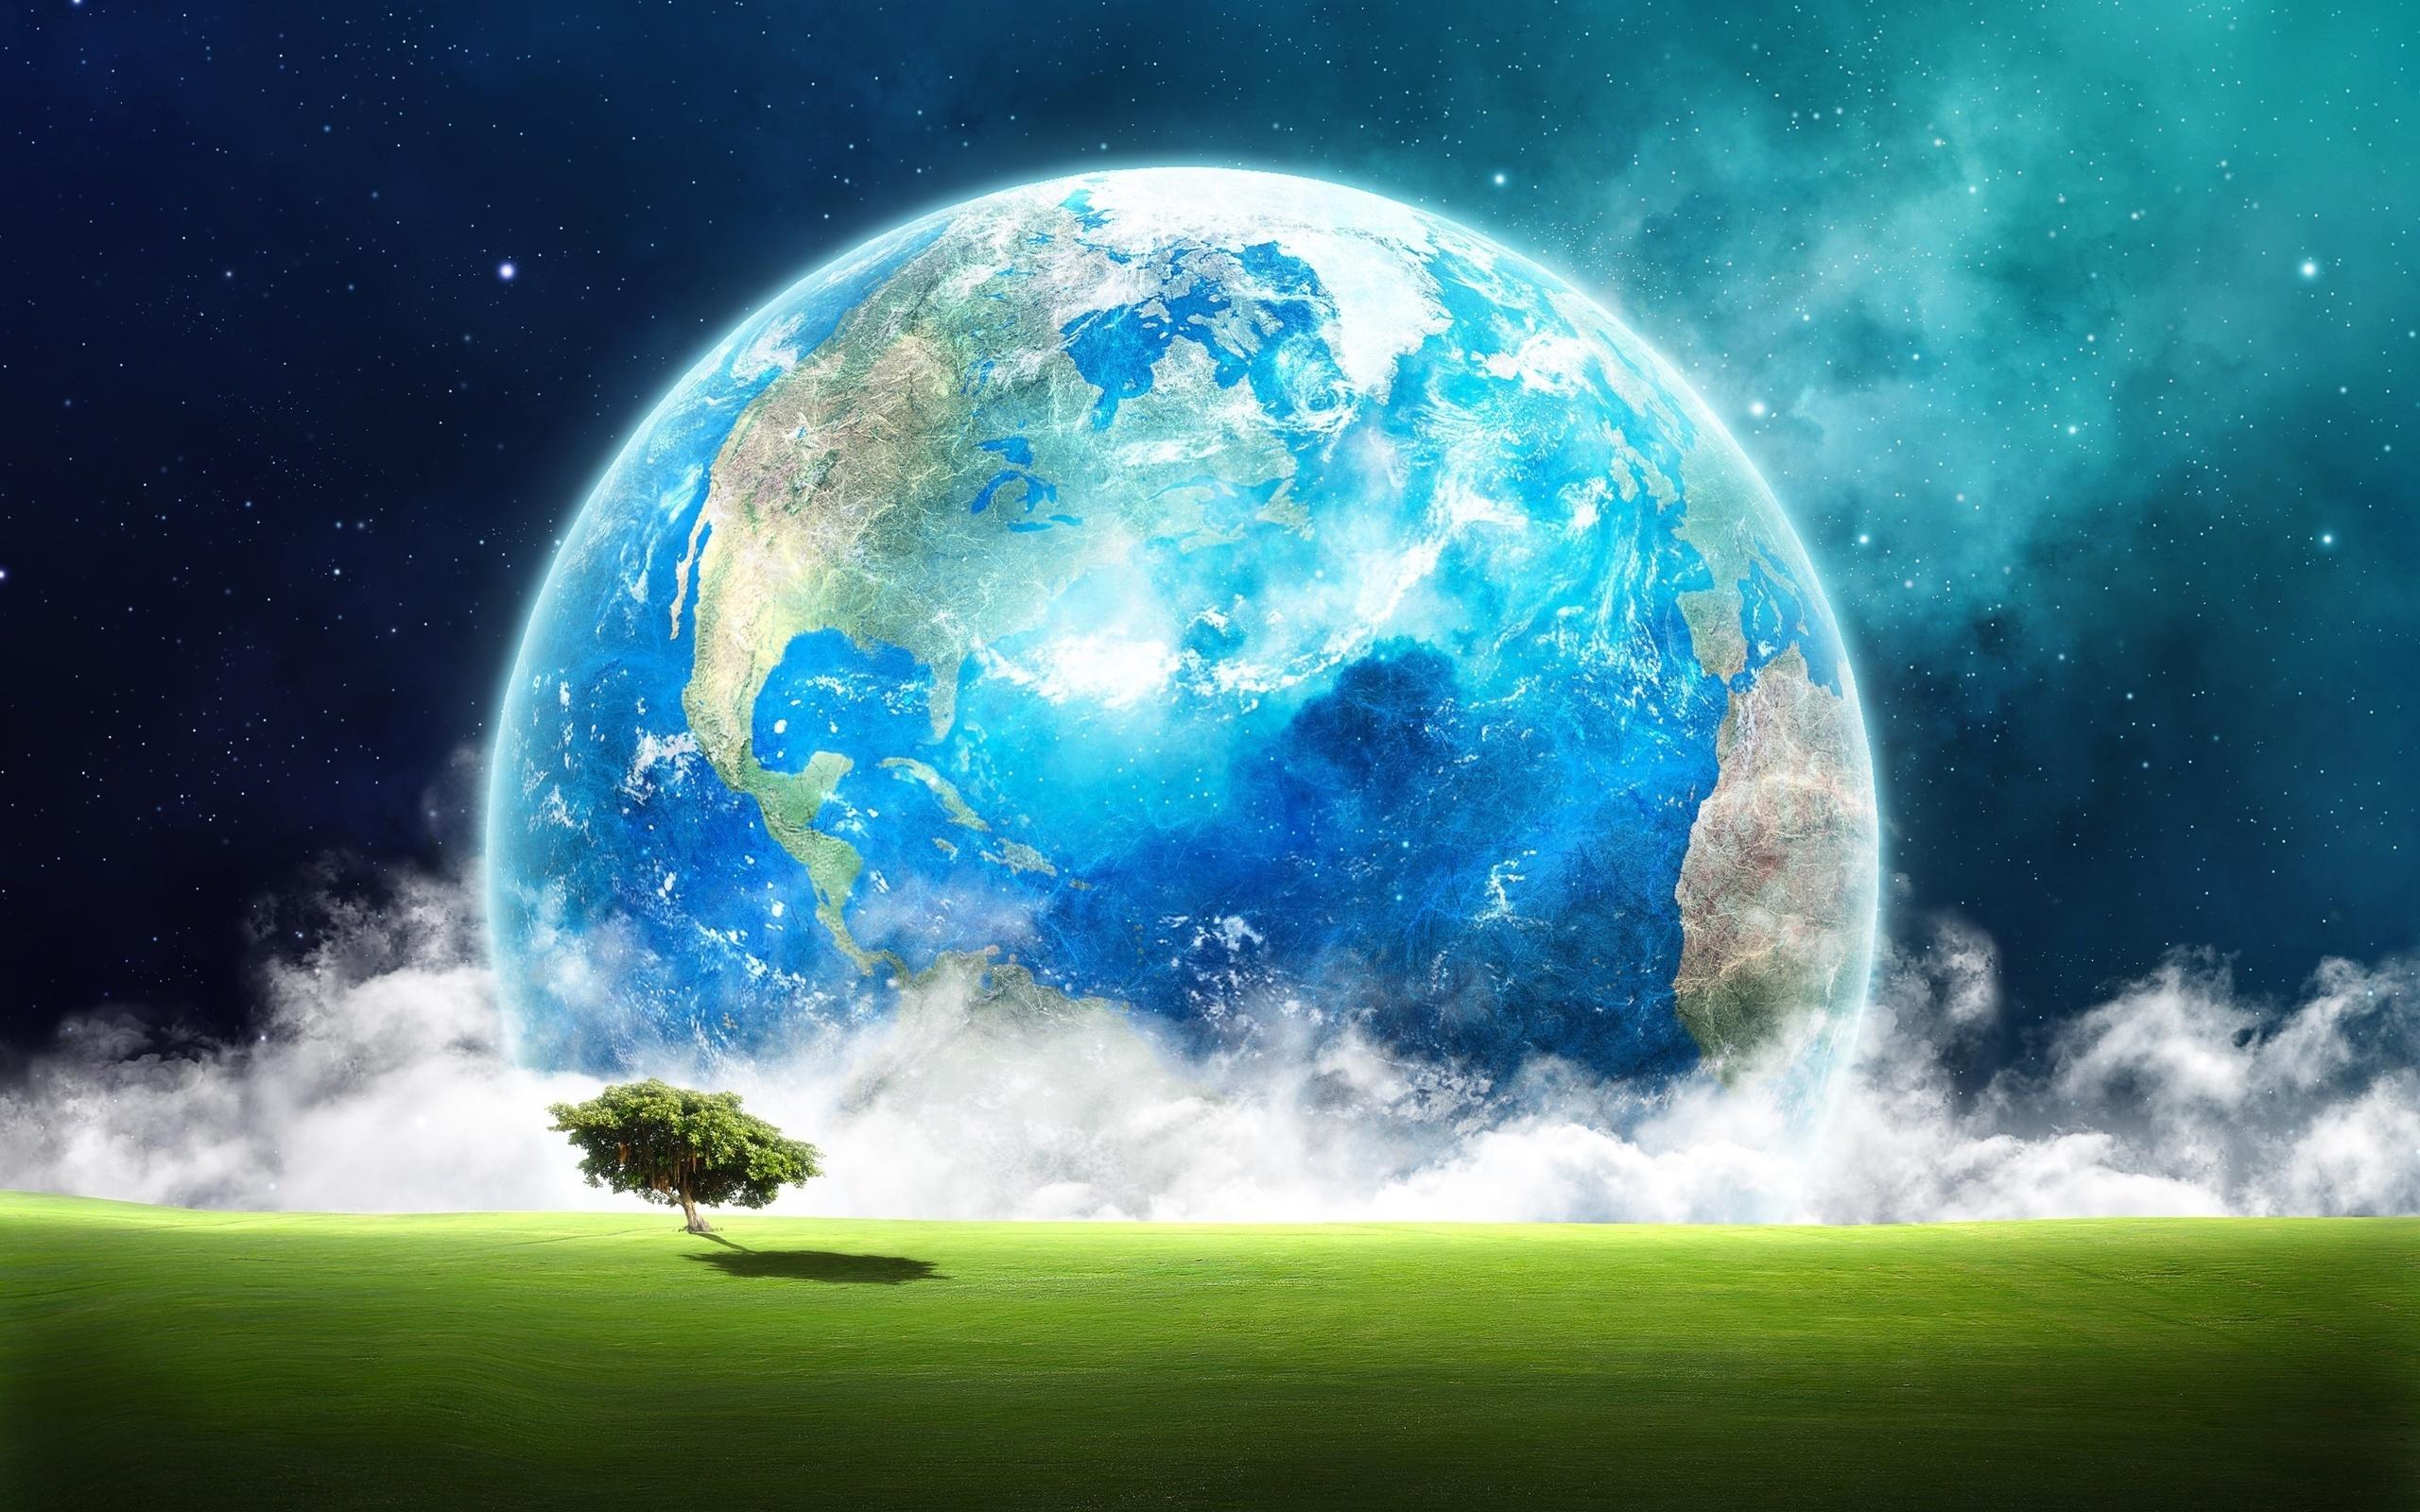 уютный, красивые картинки про землю сравнению пластиком